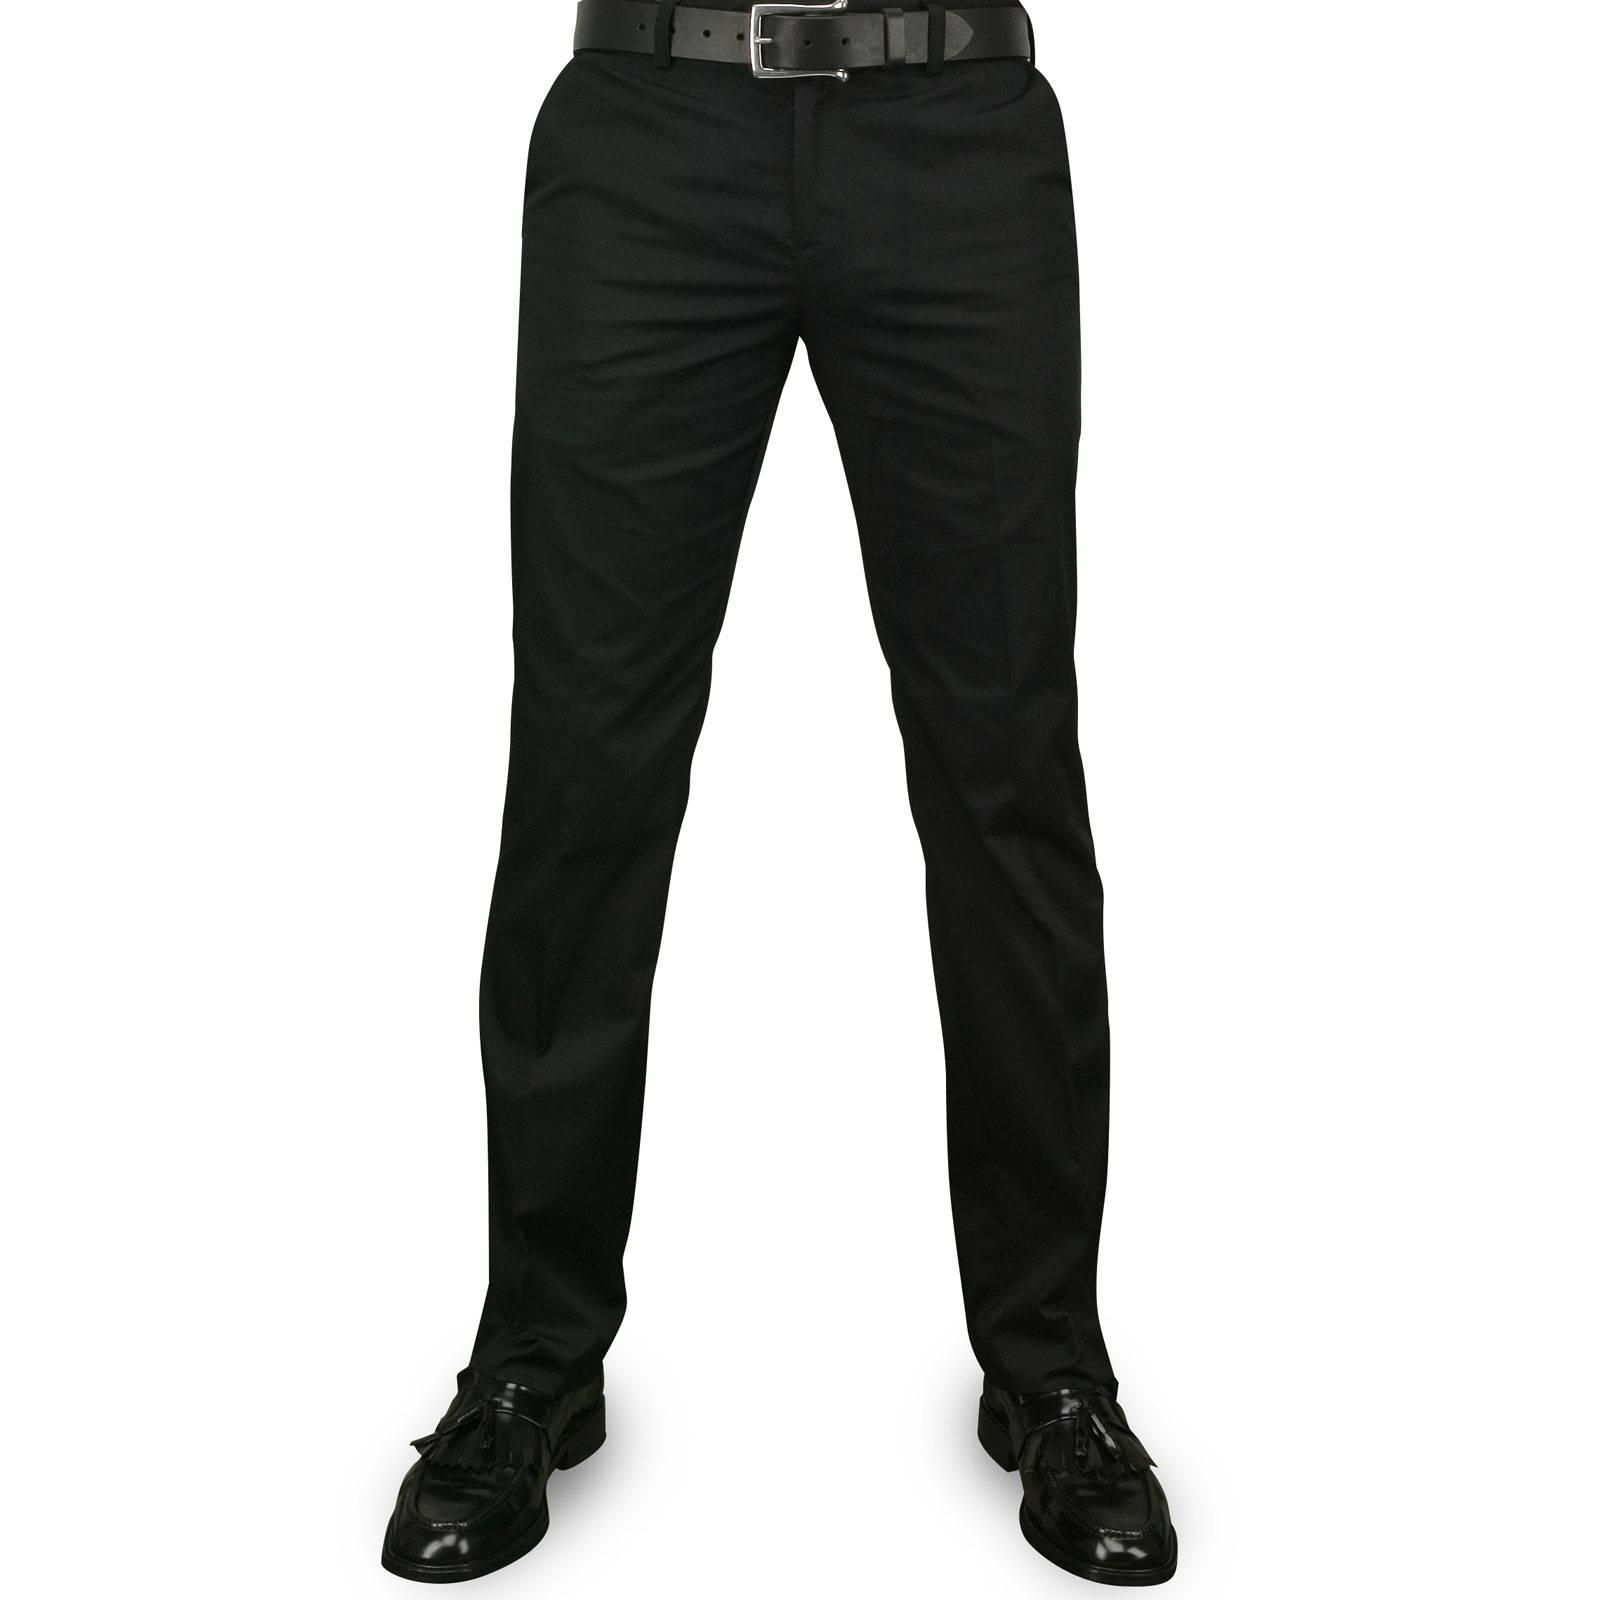 Sta-Prest Брюки WinstonCORE<br>Зауженные брюки классического кроя из плотной комбинированной ткани - модифицированная под современный look ретро модель Sta-Prest, получившая известность в 60-х как одна из первых разновидностей casual брюк, сужающихся к низу. Моды сочетали их с Лоферами, Челси и полосатыми блейзерами, а &amp;amp;quot;традиционные скинхеды&amp;amp;quot; и сьюдхеды - с тяжелыми ботинками фирмы Dr. Martens, клетчатыми рубашками, узкими подтяжками и пальто кромби. &amp;lt;br /&amp;gt;<br>&amp;lt;br /&amp;gt;<br>Первоначально эти брюки имели высокую талию, и их было принято носить подвернутыми или на итальянский манер - до уровня лодыжки. Сегодня они абсолютно универсальны, имеют стандартную посадку и несколько вариантов длинны. Их можно комбинировать с рубашками или поло, топсайдерами или классическими кроссовками. &amp;lt;br /&amp;gt;<br>&amp;lt;br /&amp;gt;<br>Преимуществом данной модели является то, что на них почти не образуется помятостей и складок, а стрелка остается ровной и очерченной после множества стирок без использования утюга.<br><br>Артикул: 1210201<br>Материал: 65% хлопок 35% полиэстер<br>Цвет: черный<br>Пол: Мужской